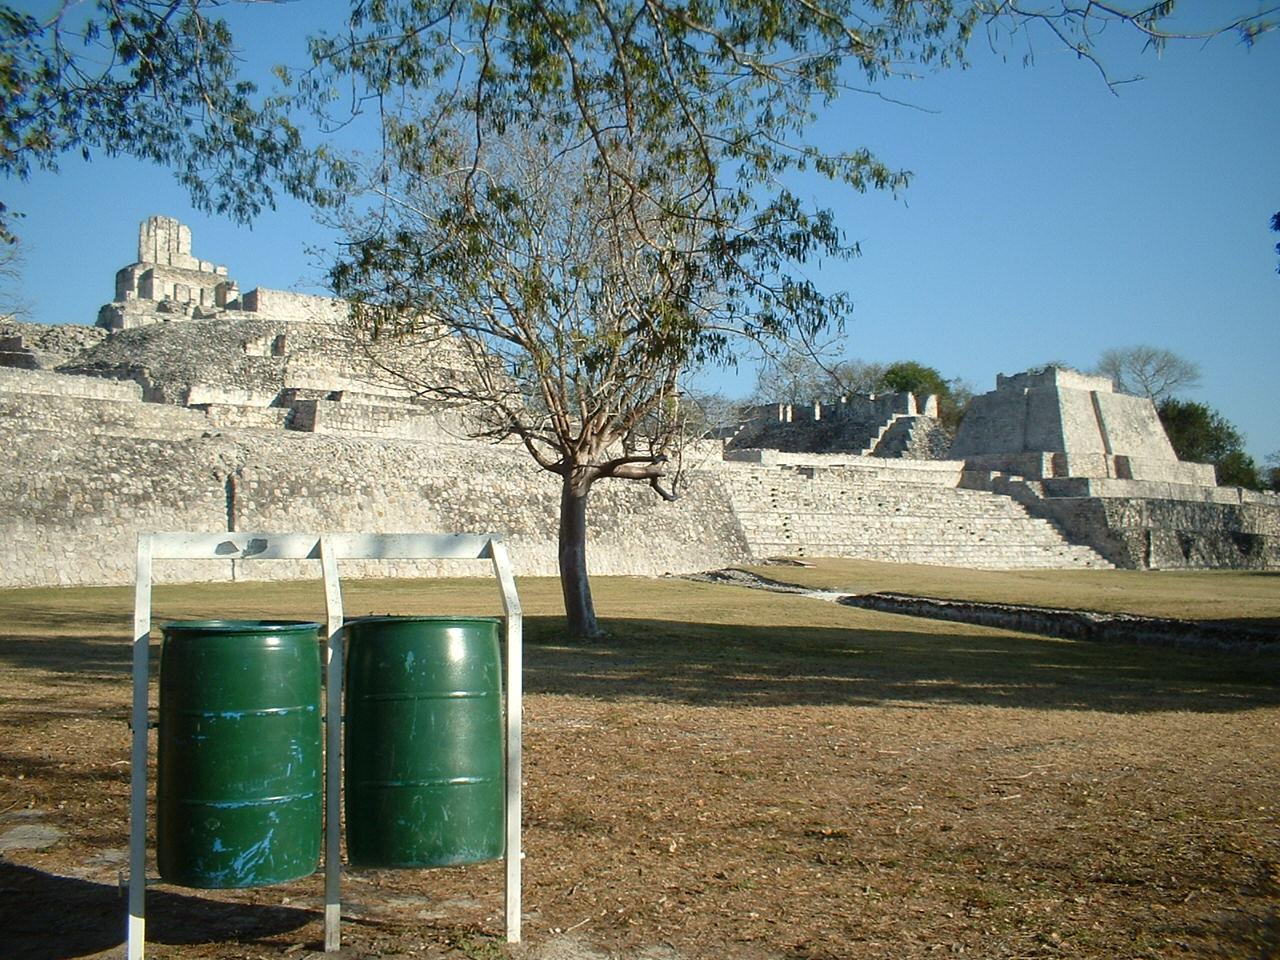 マヤ遺跡のそばに(2006.03メキシコにて撮影) 何かのドラム缶